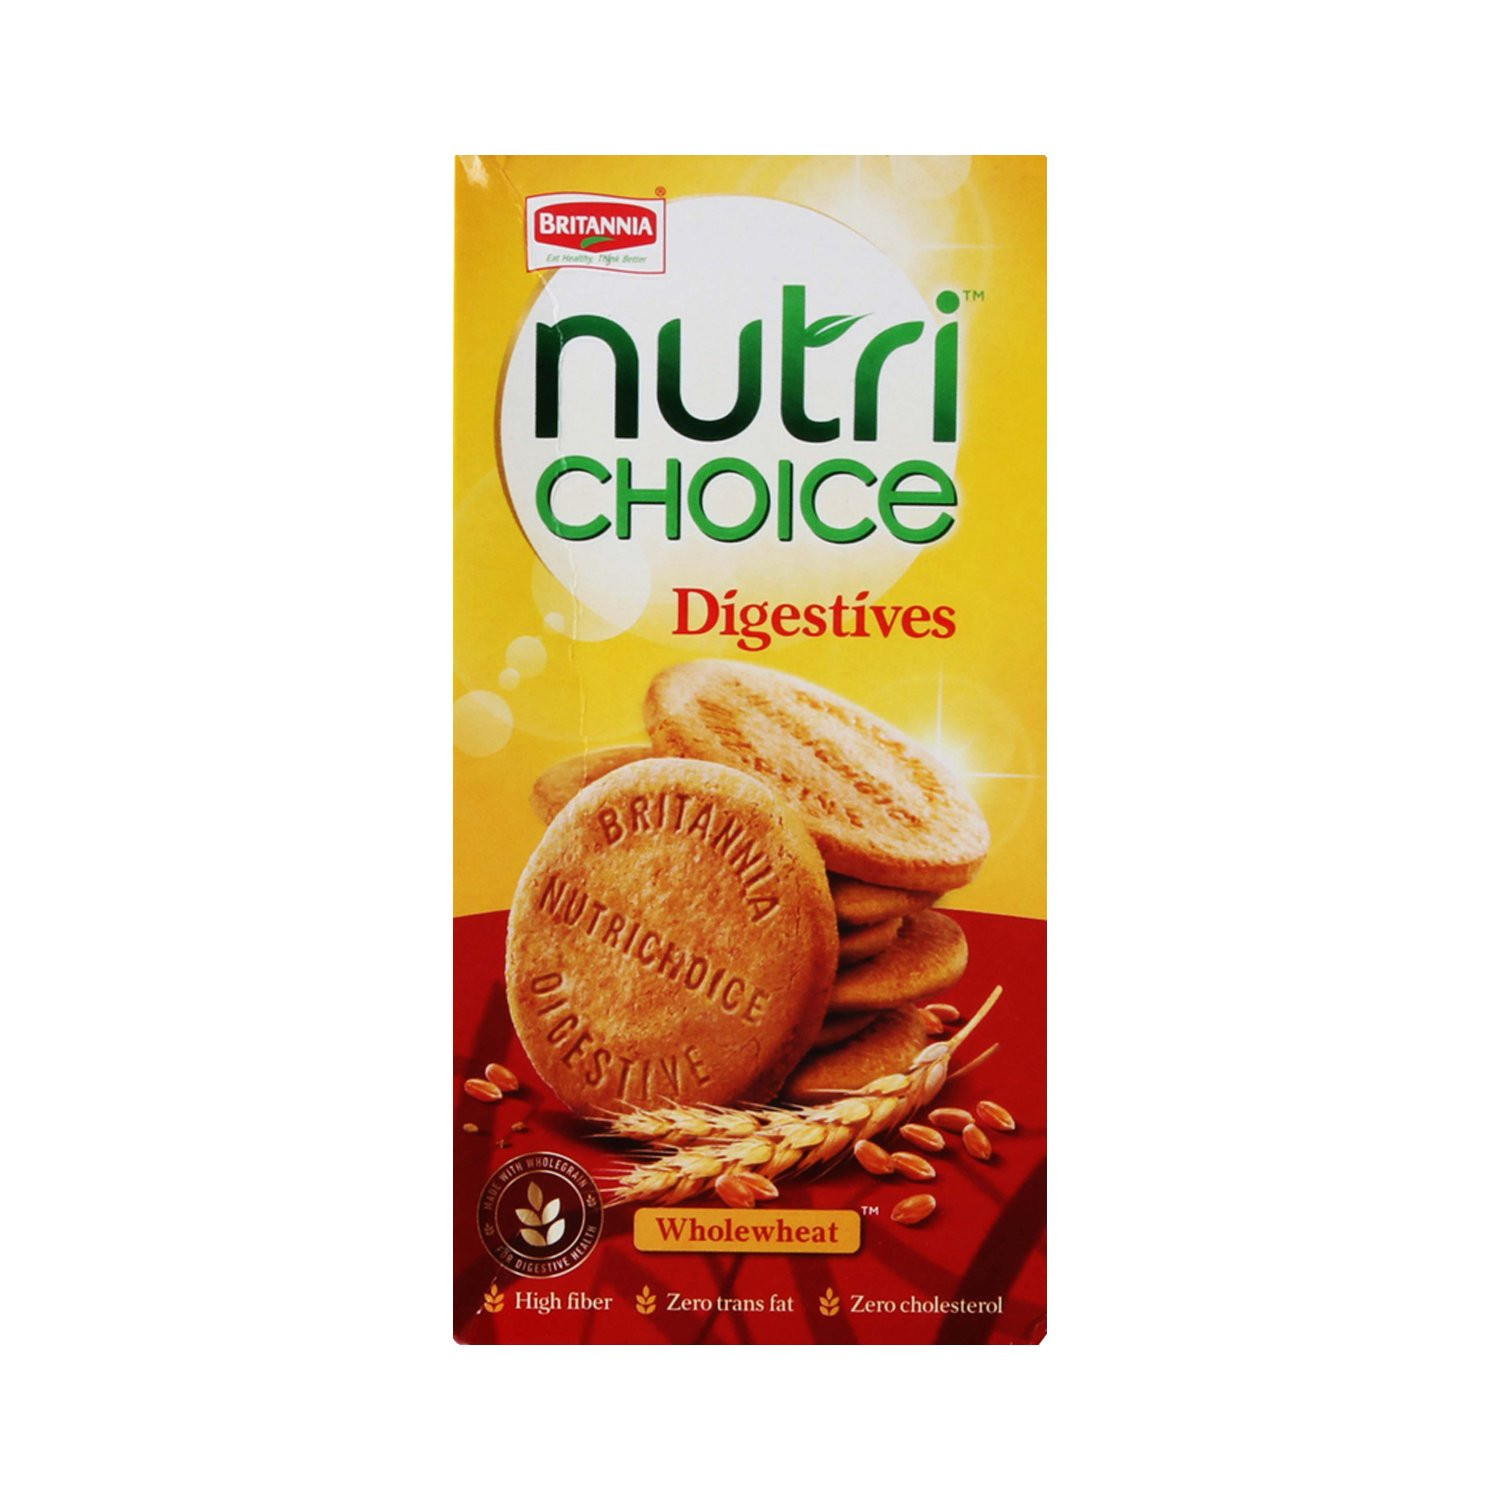 Britannia Nutri Choice Digestive Biscuits 250G